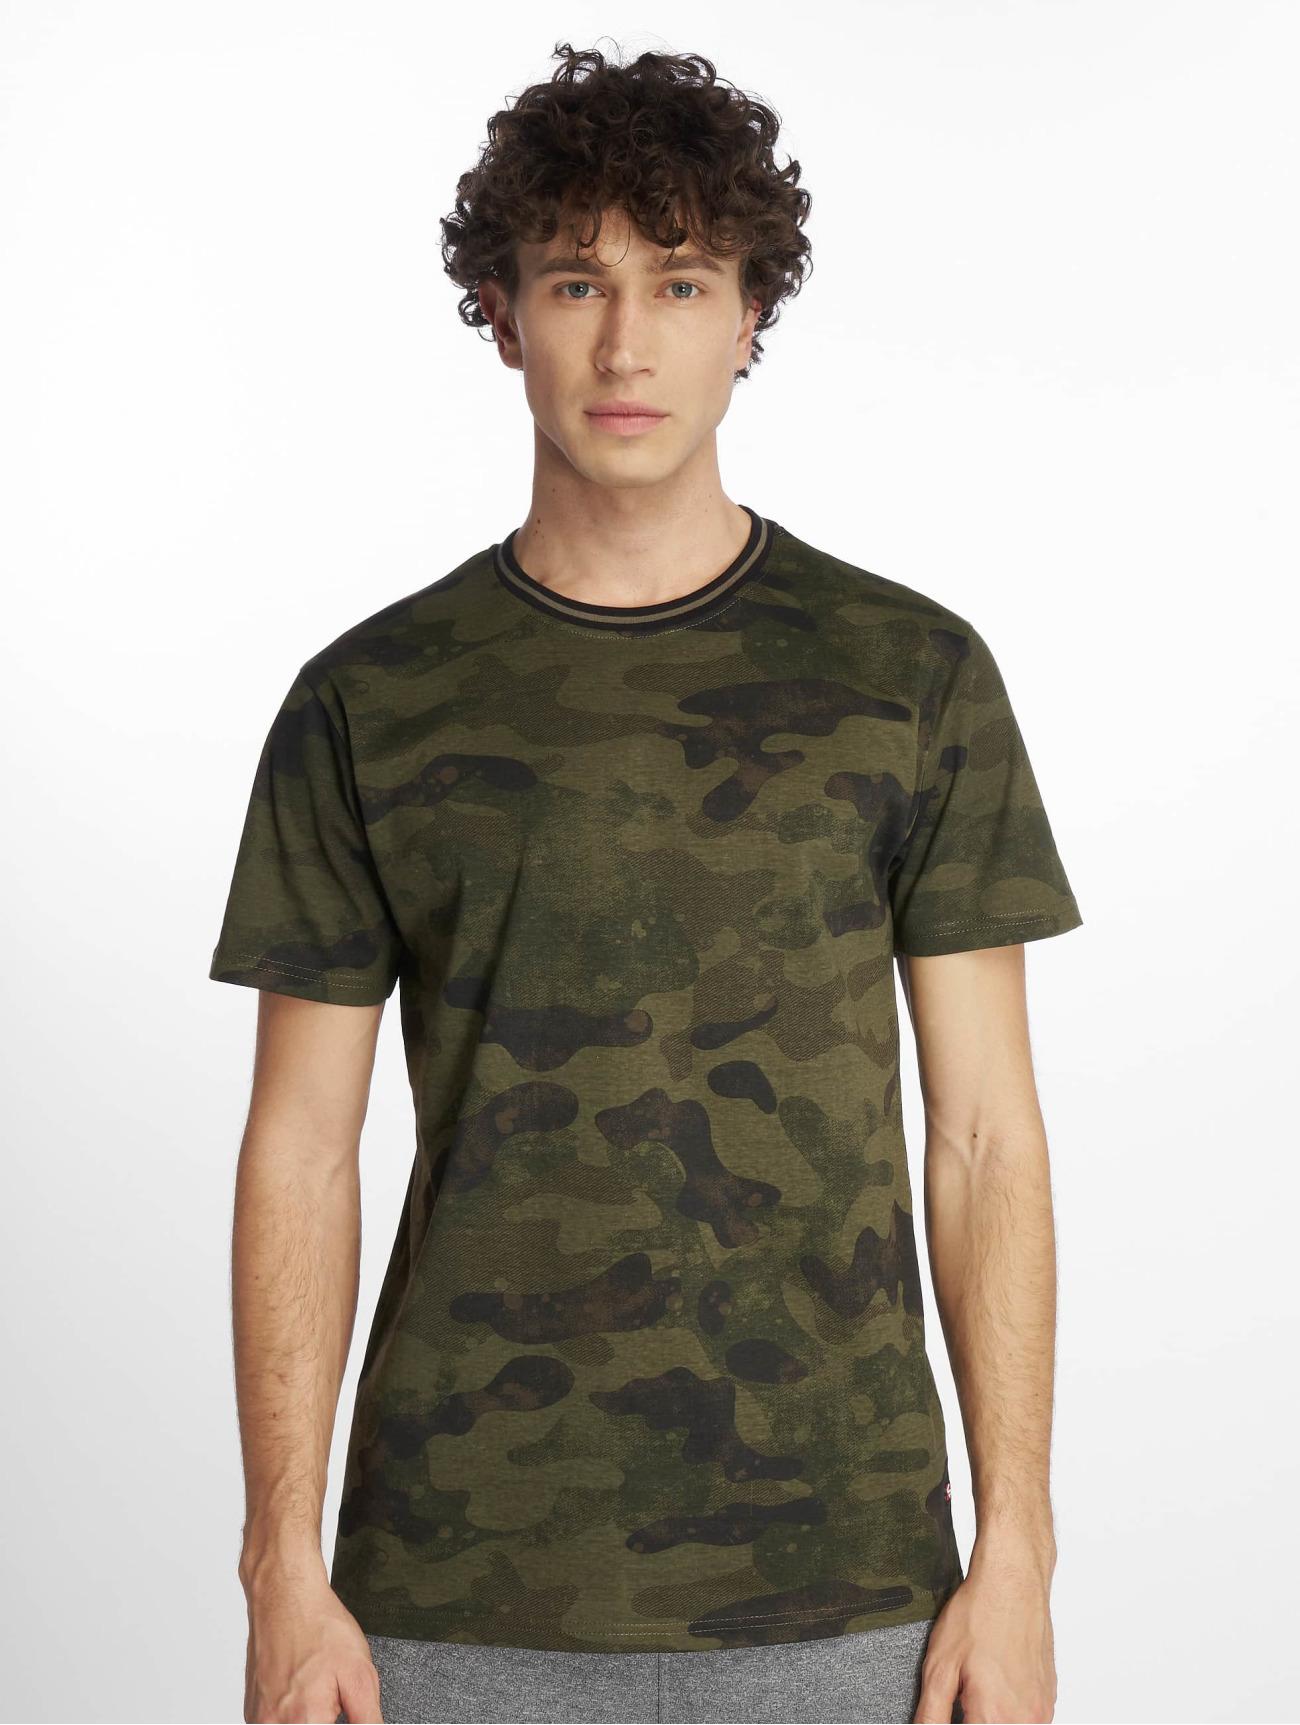 Southpole Överdel / T-shirt Camo & Splatter Print i kamouflage 644383 Män Överdelar